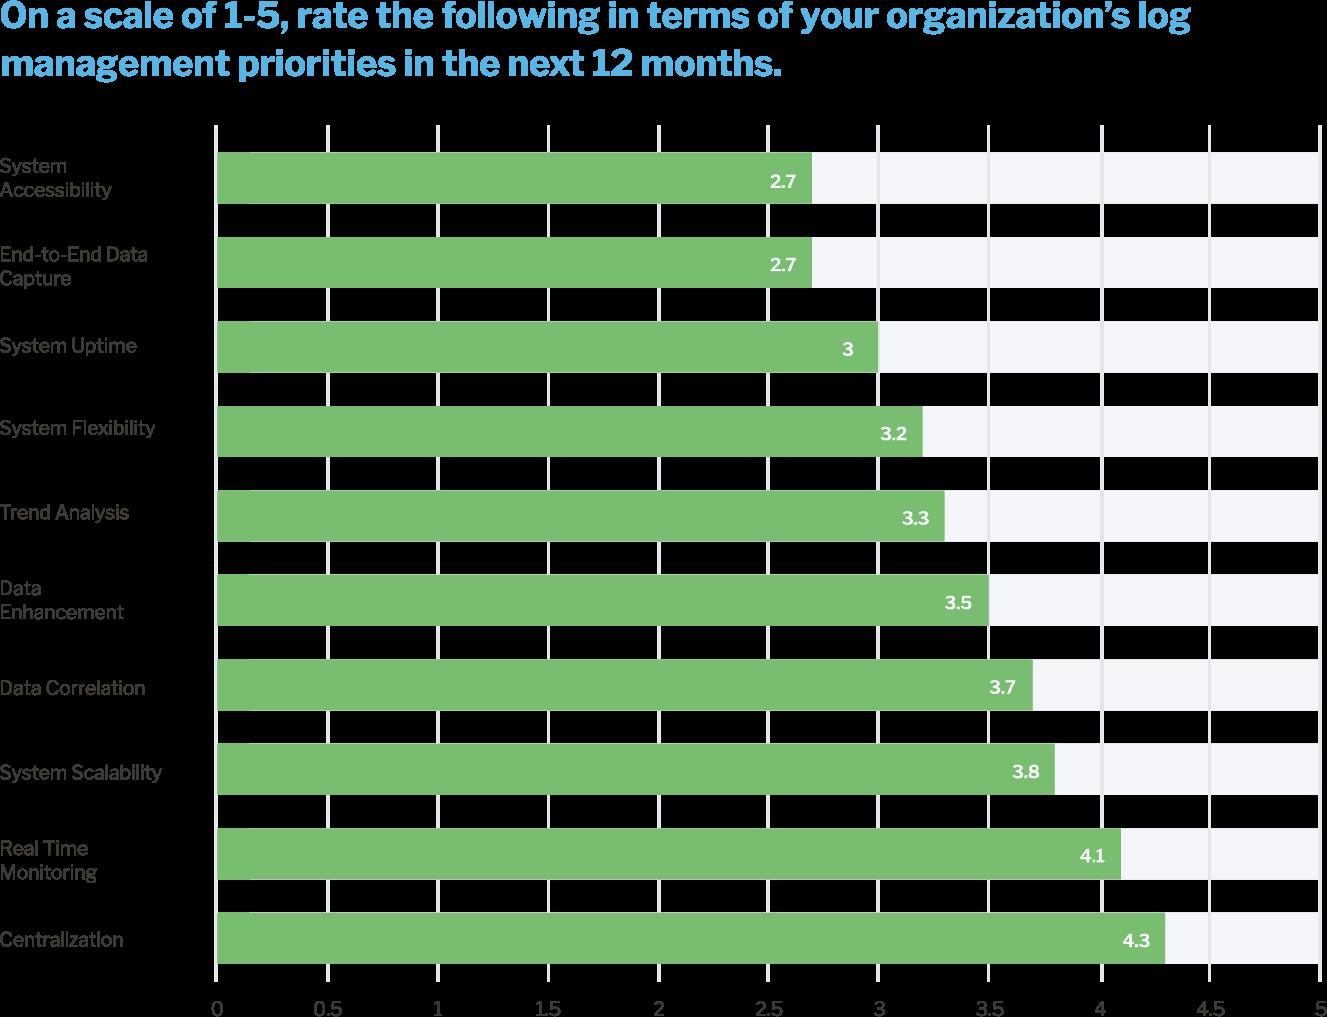 Top Log Management Priorities